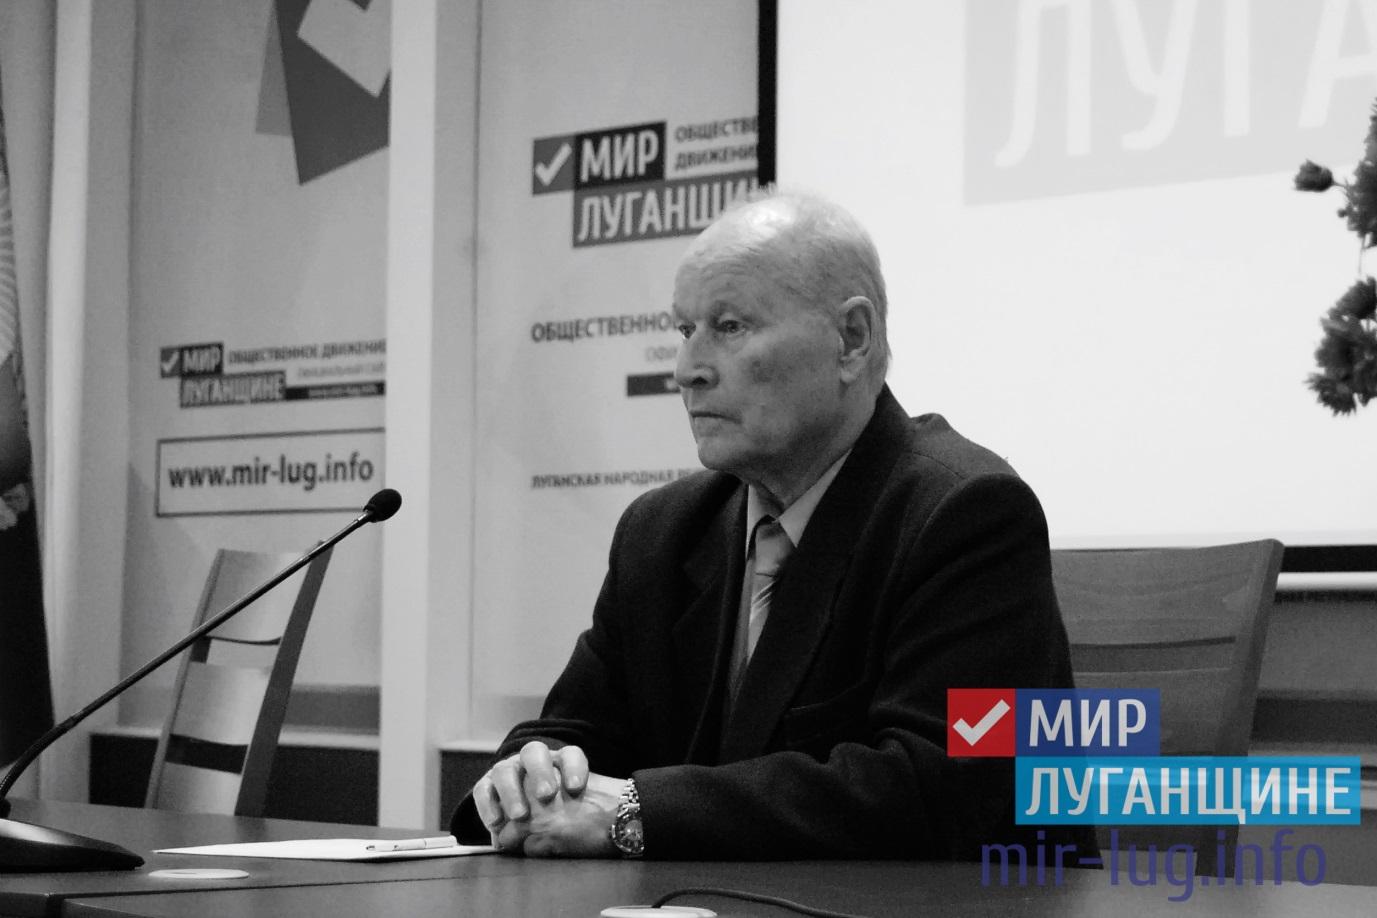 Активисты Общественного движения «Мир Луганщине» выражают соболезнования в связи со смертью Михаила Гайдукова 1